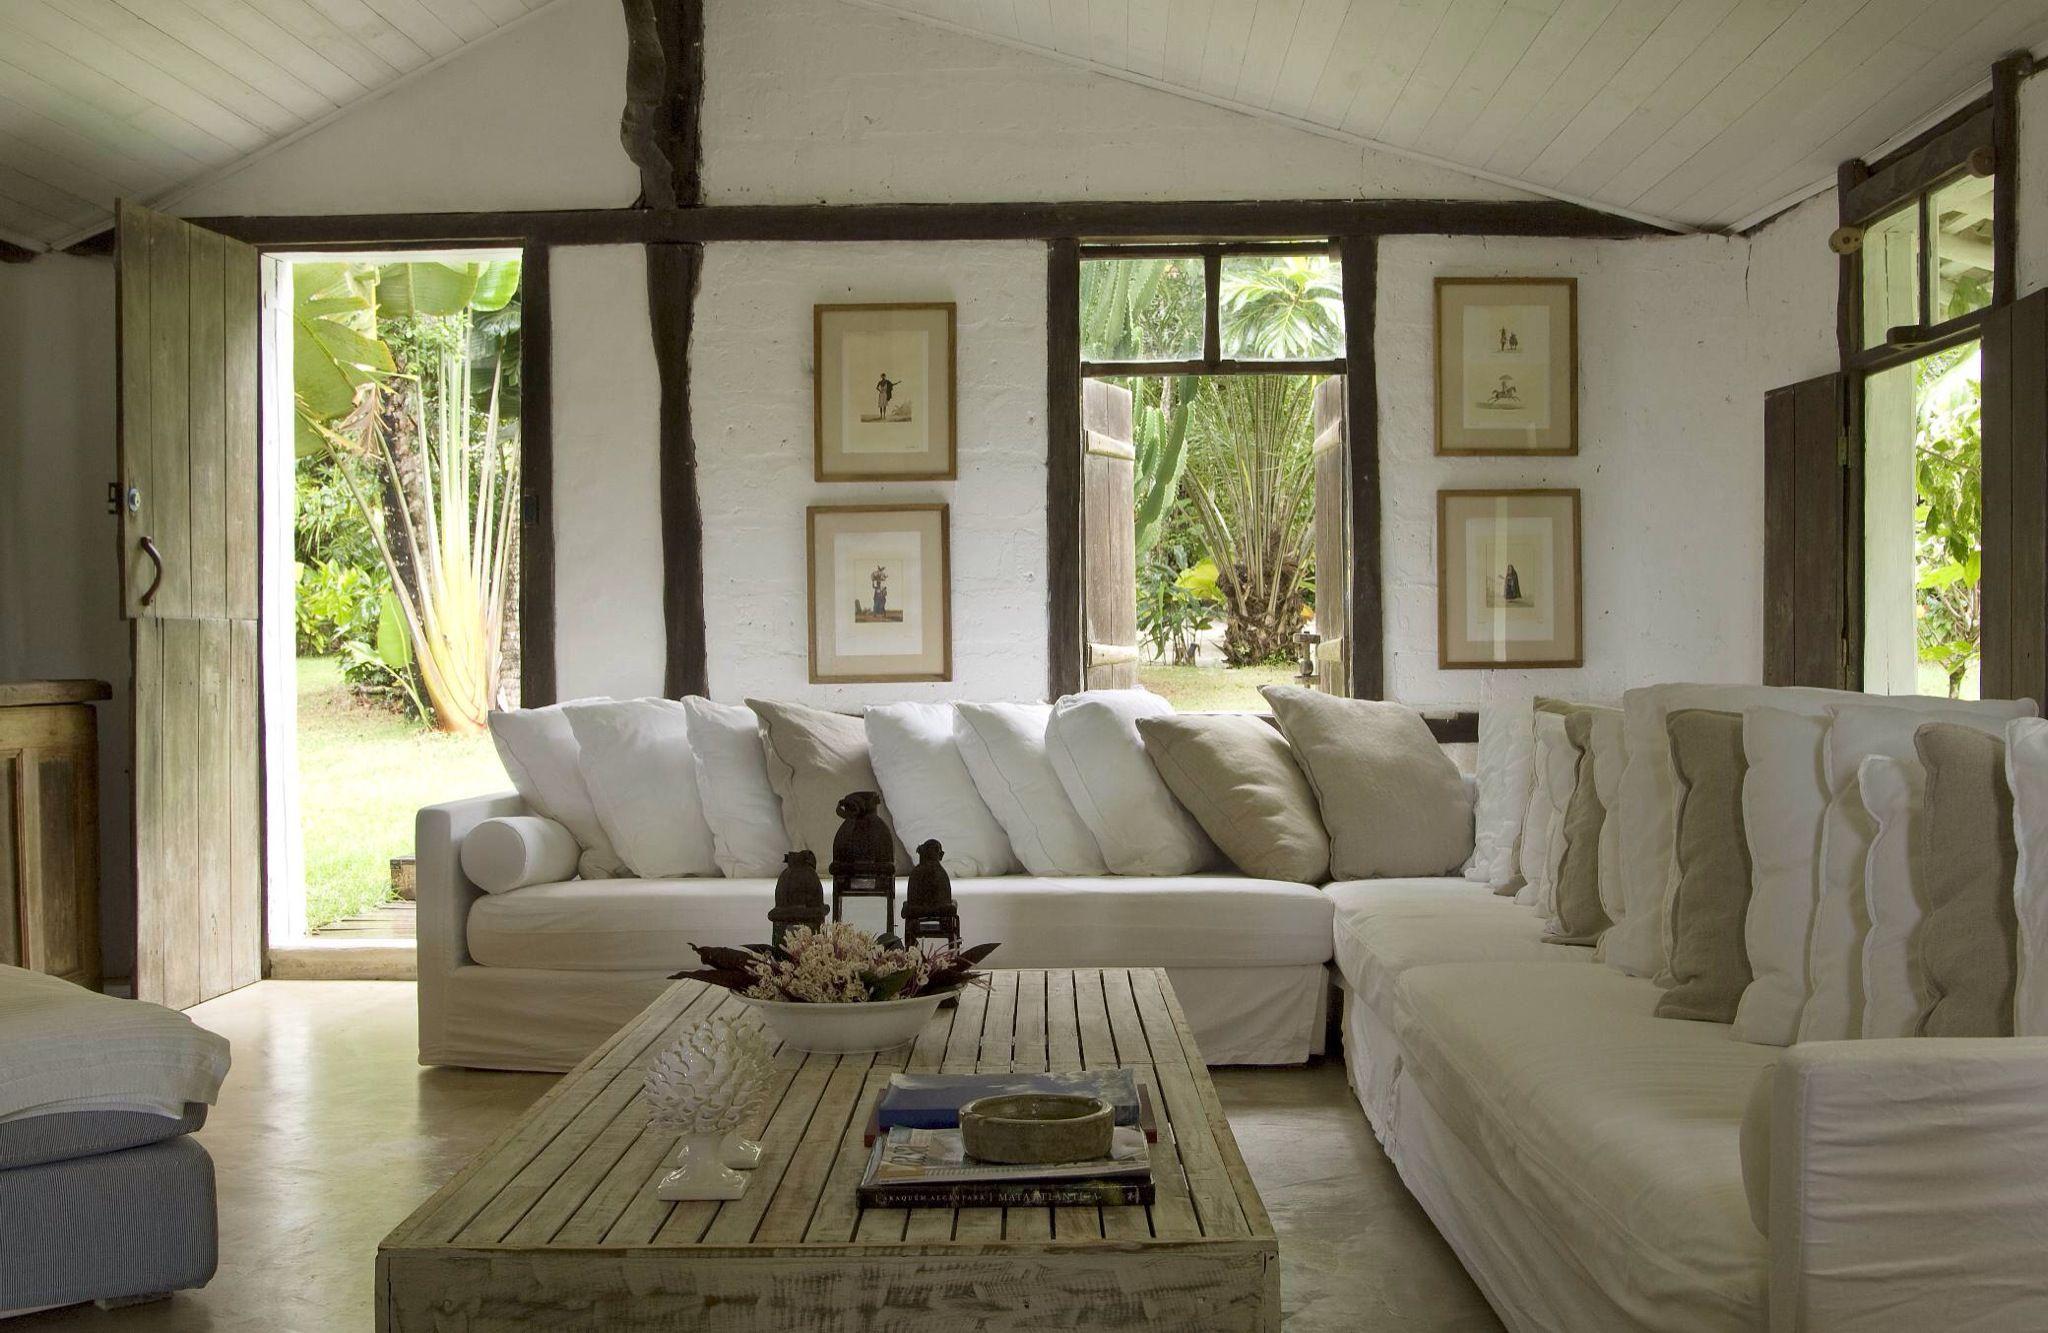 Sofá L | Casa de veraneio, Casas, Decoração de casa